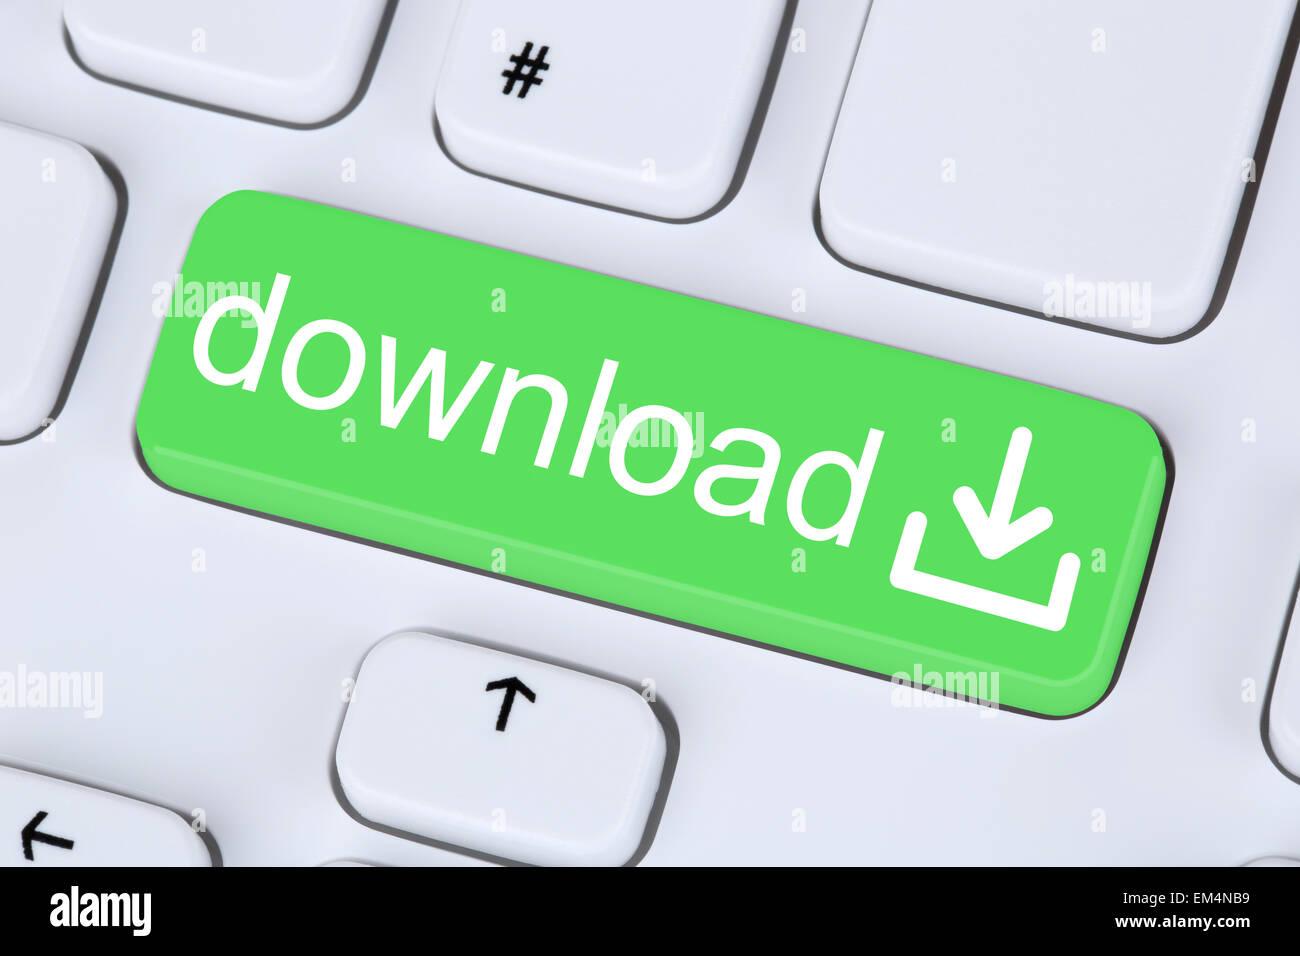 Descargar el símbolo de botón en el teclado del equipo de aplicación y datos Imagen De Stock